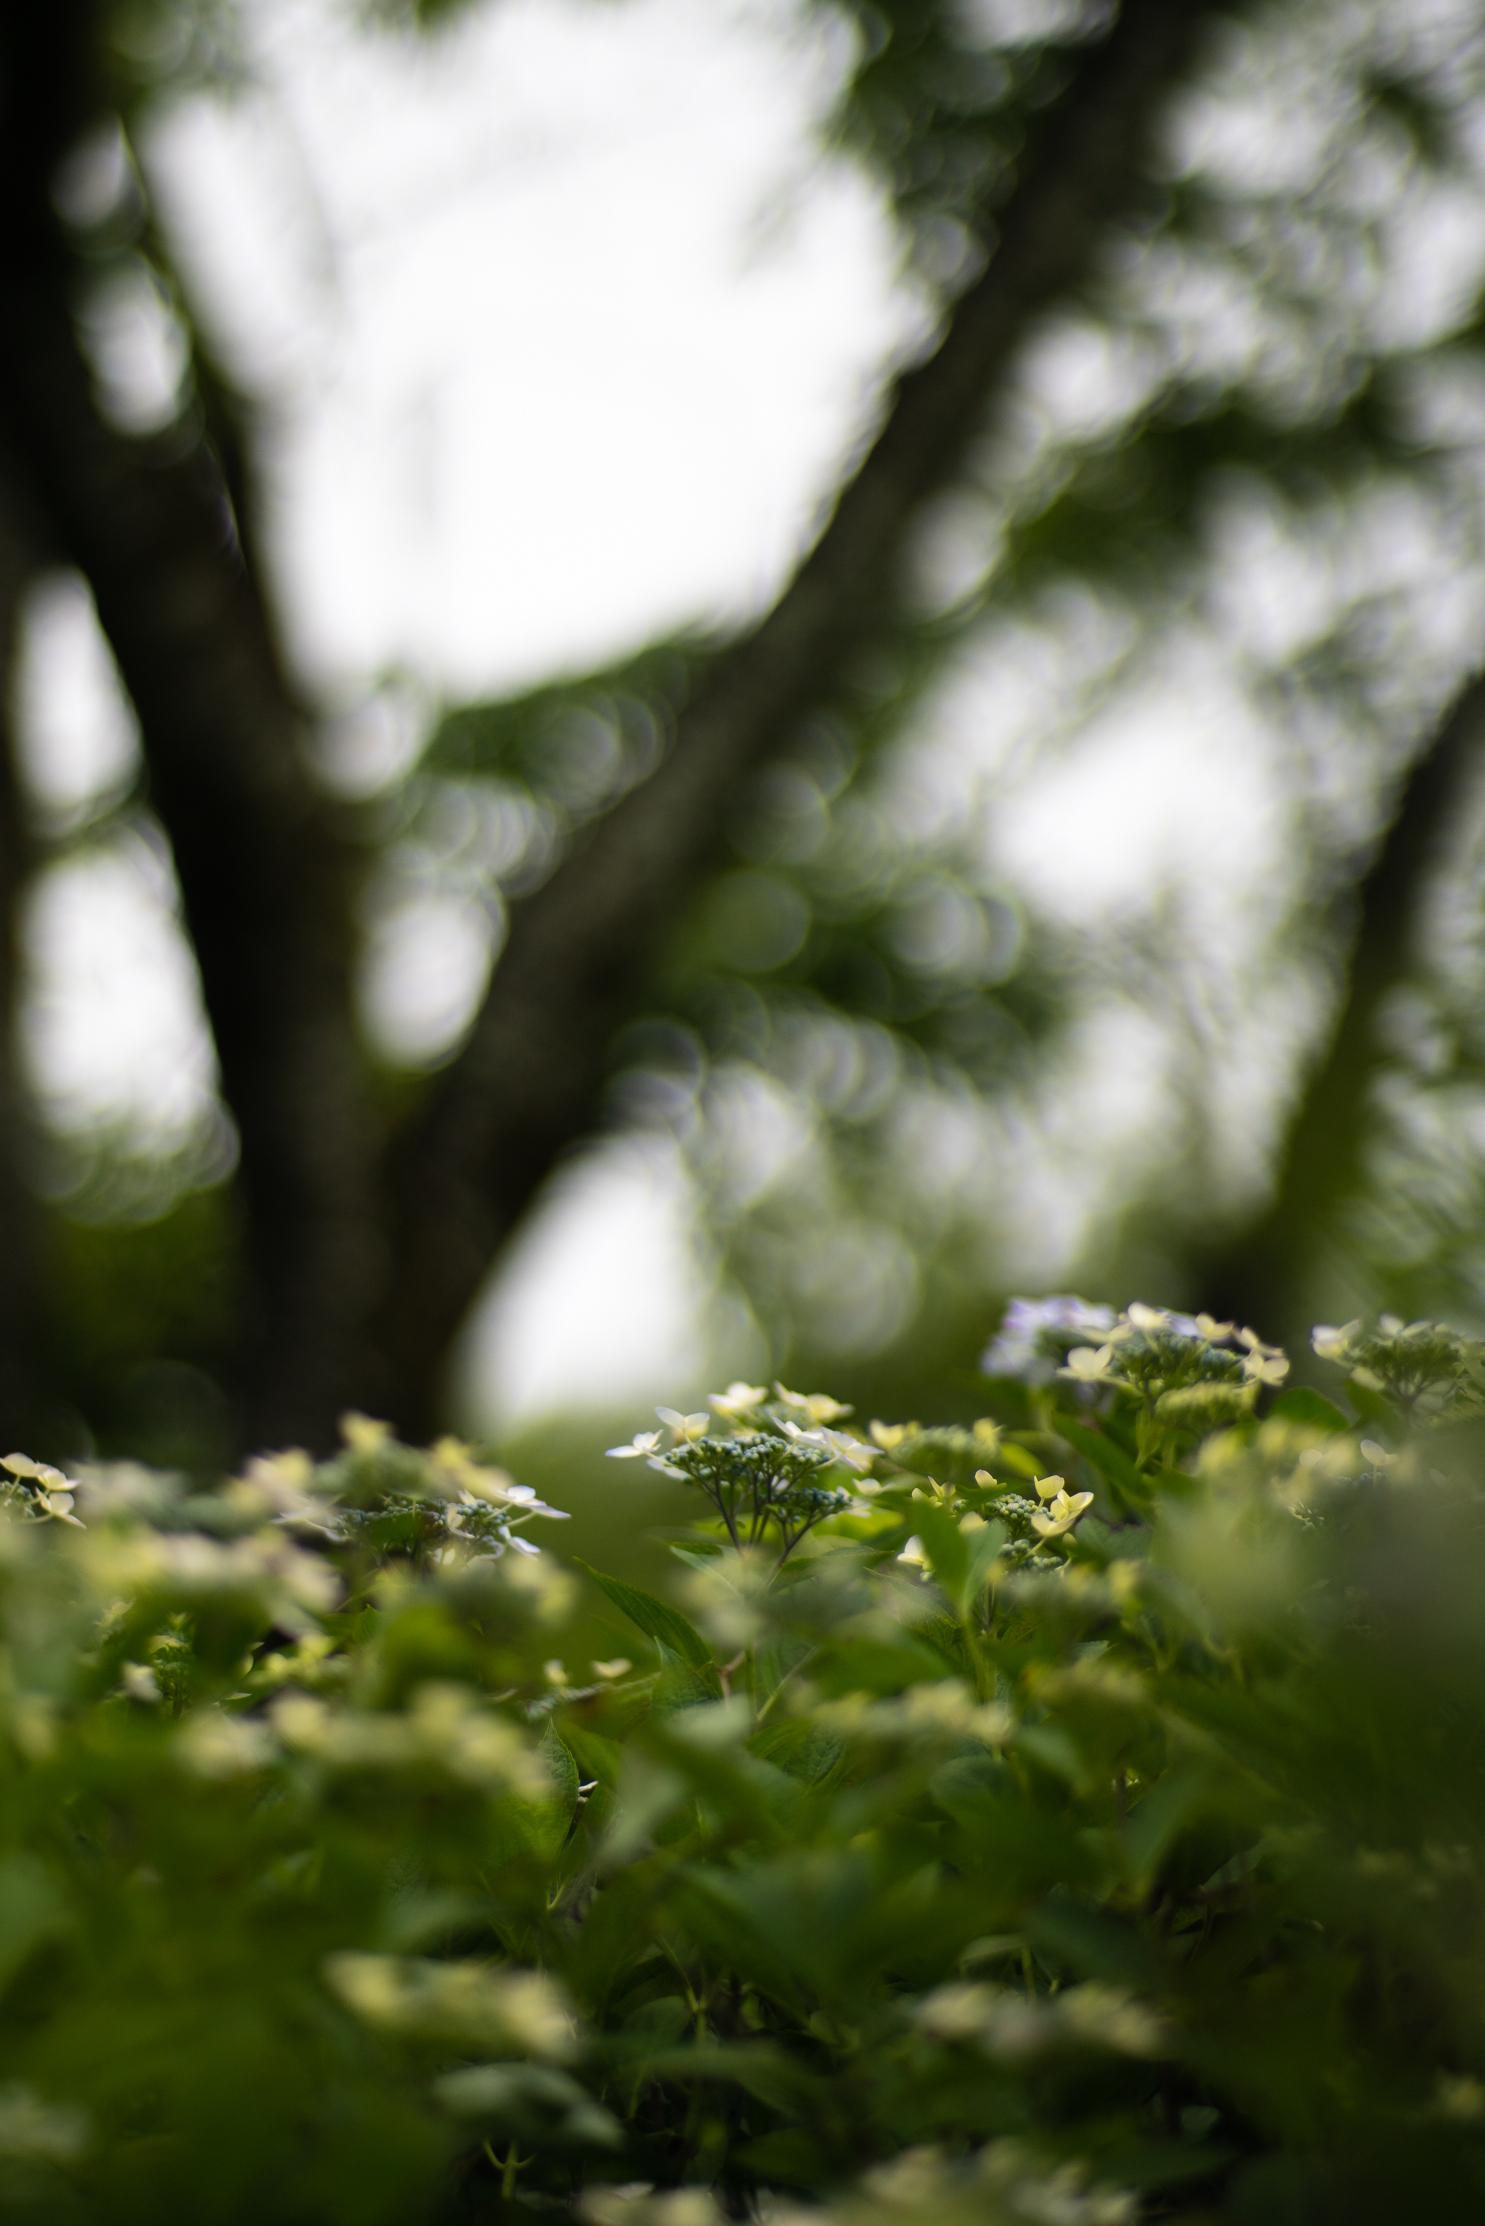 2020.06.21 秩父美の山公園 紫陽花-20.jpg